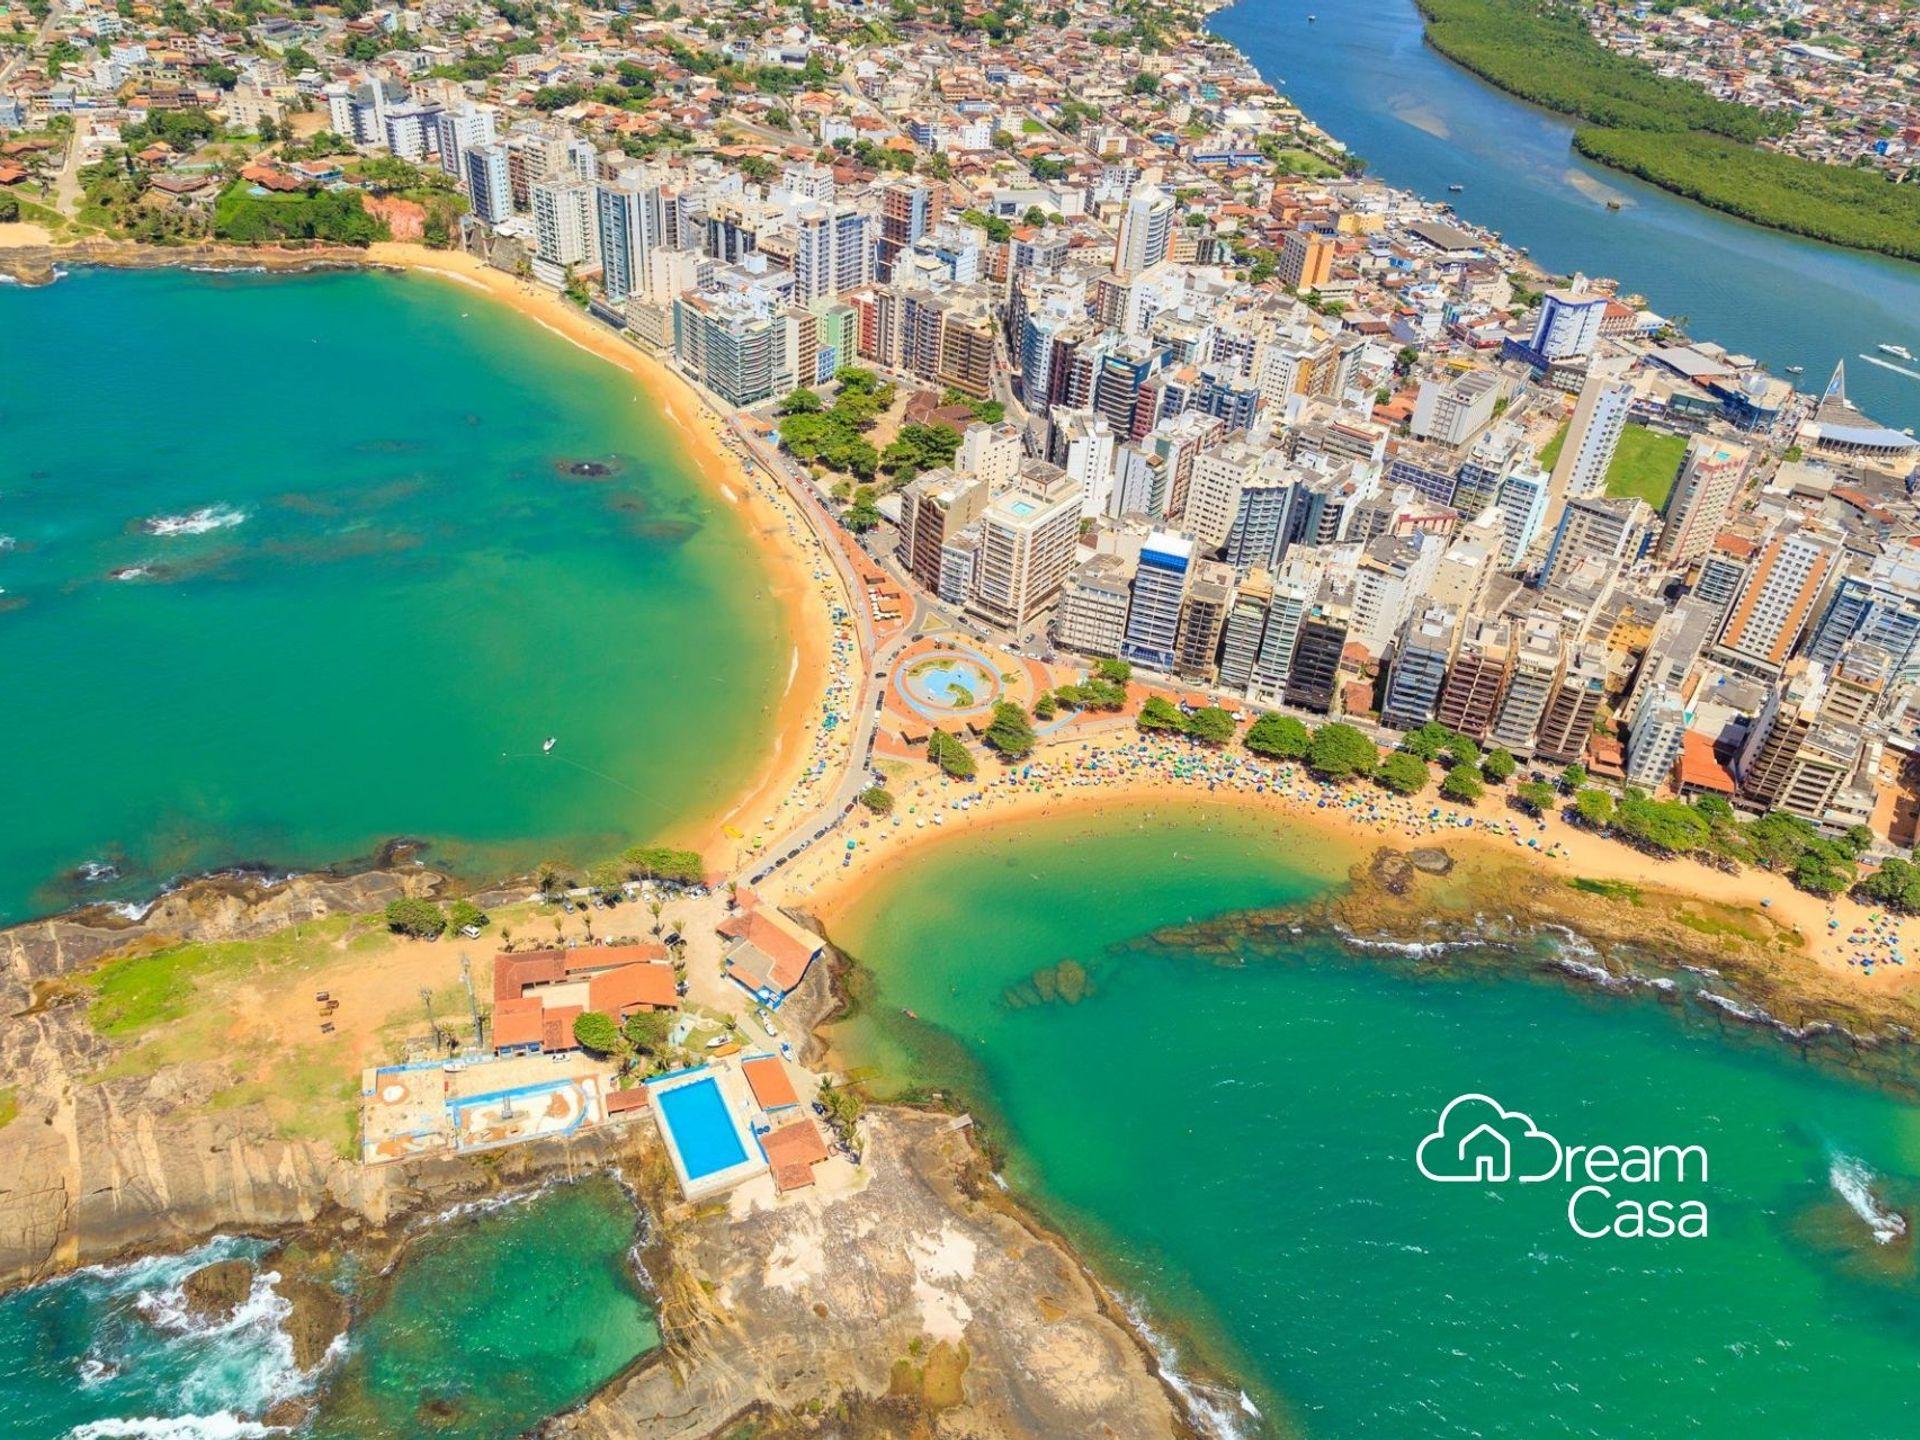 Guarapari Espírito Santo, Brasil - Dreamcasa